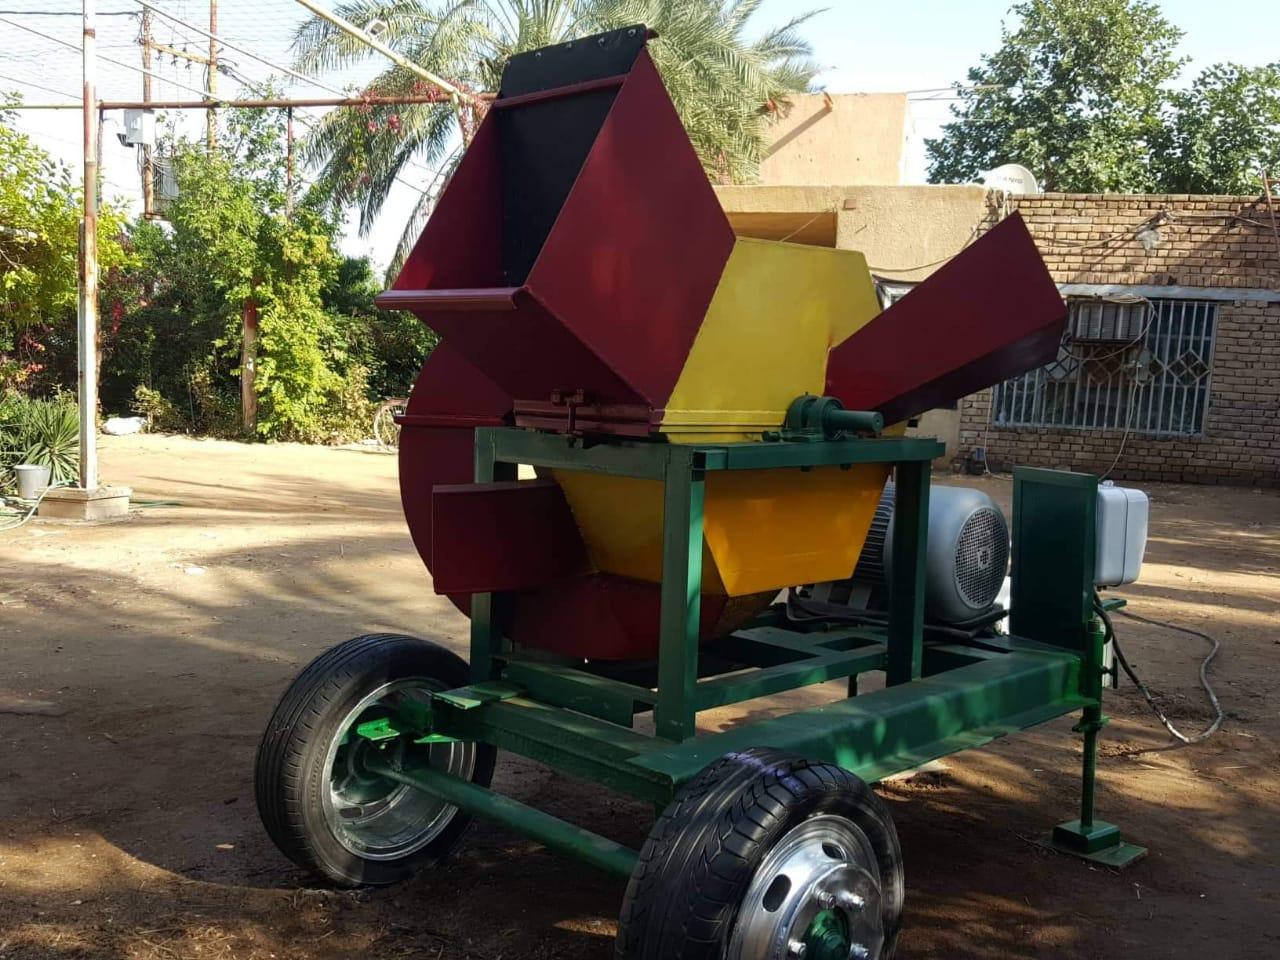 """شاب نجفي """"يخترع"""" آلة زراعية متعددة المهام بجهود ذاتية (صور)"""